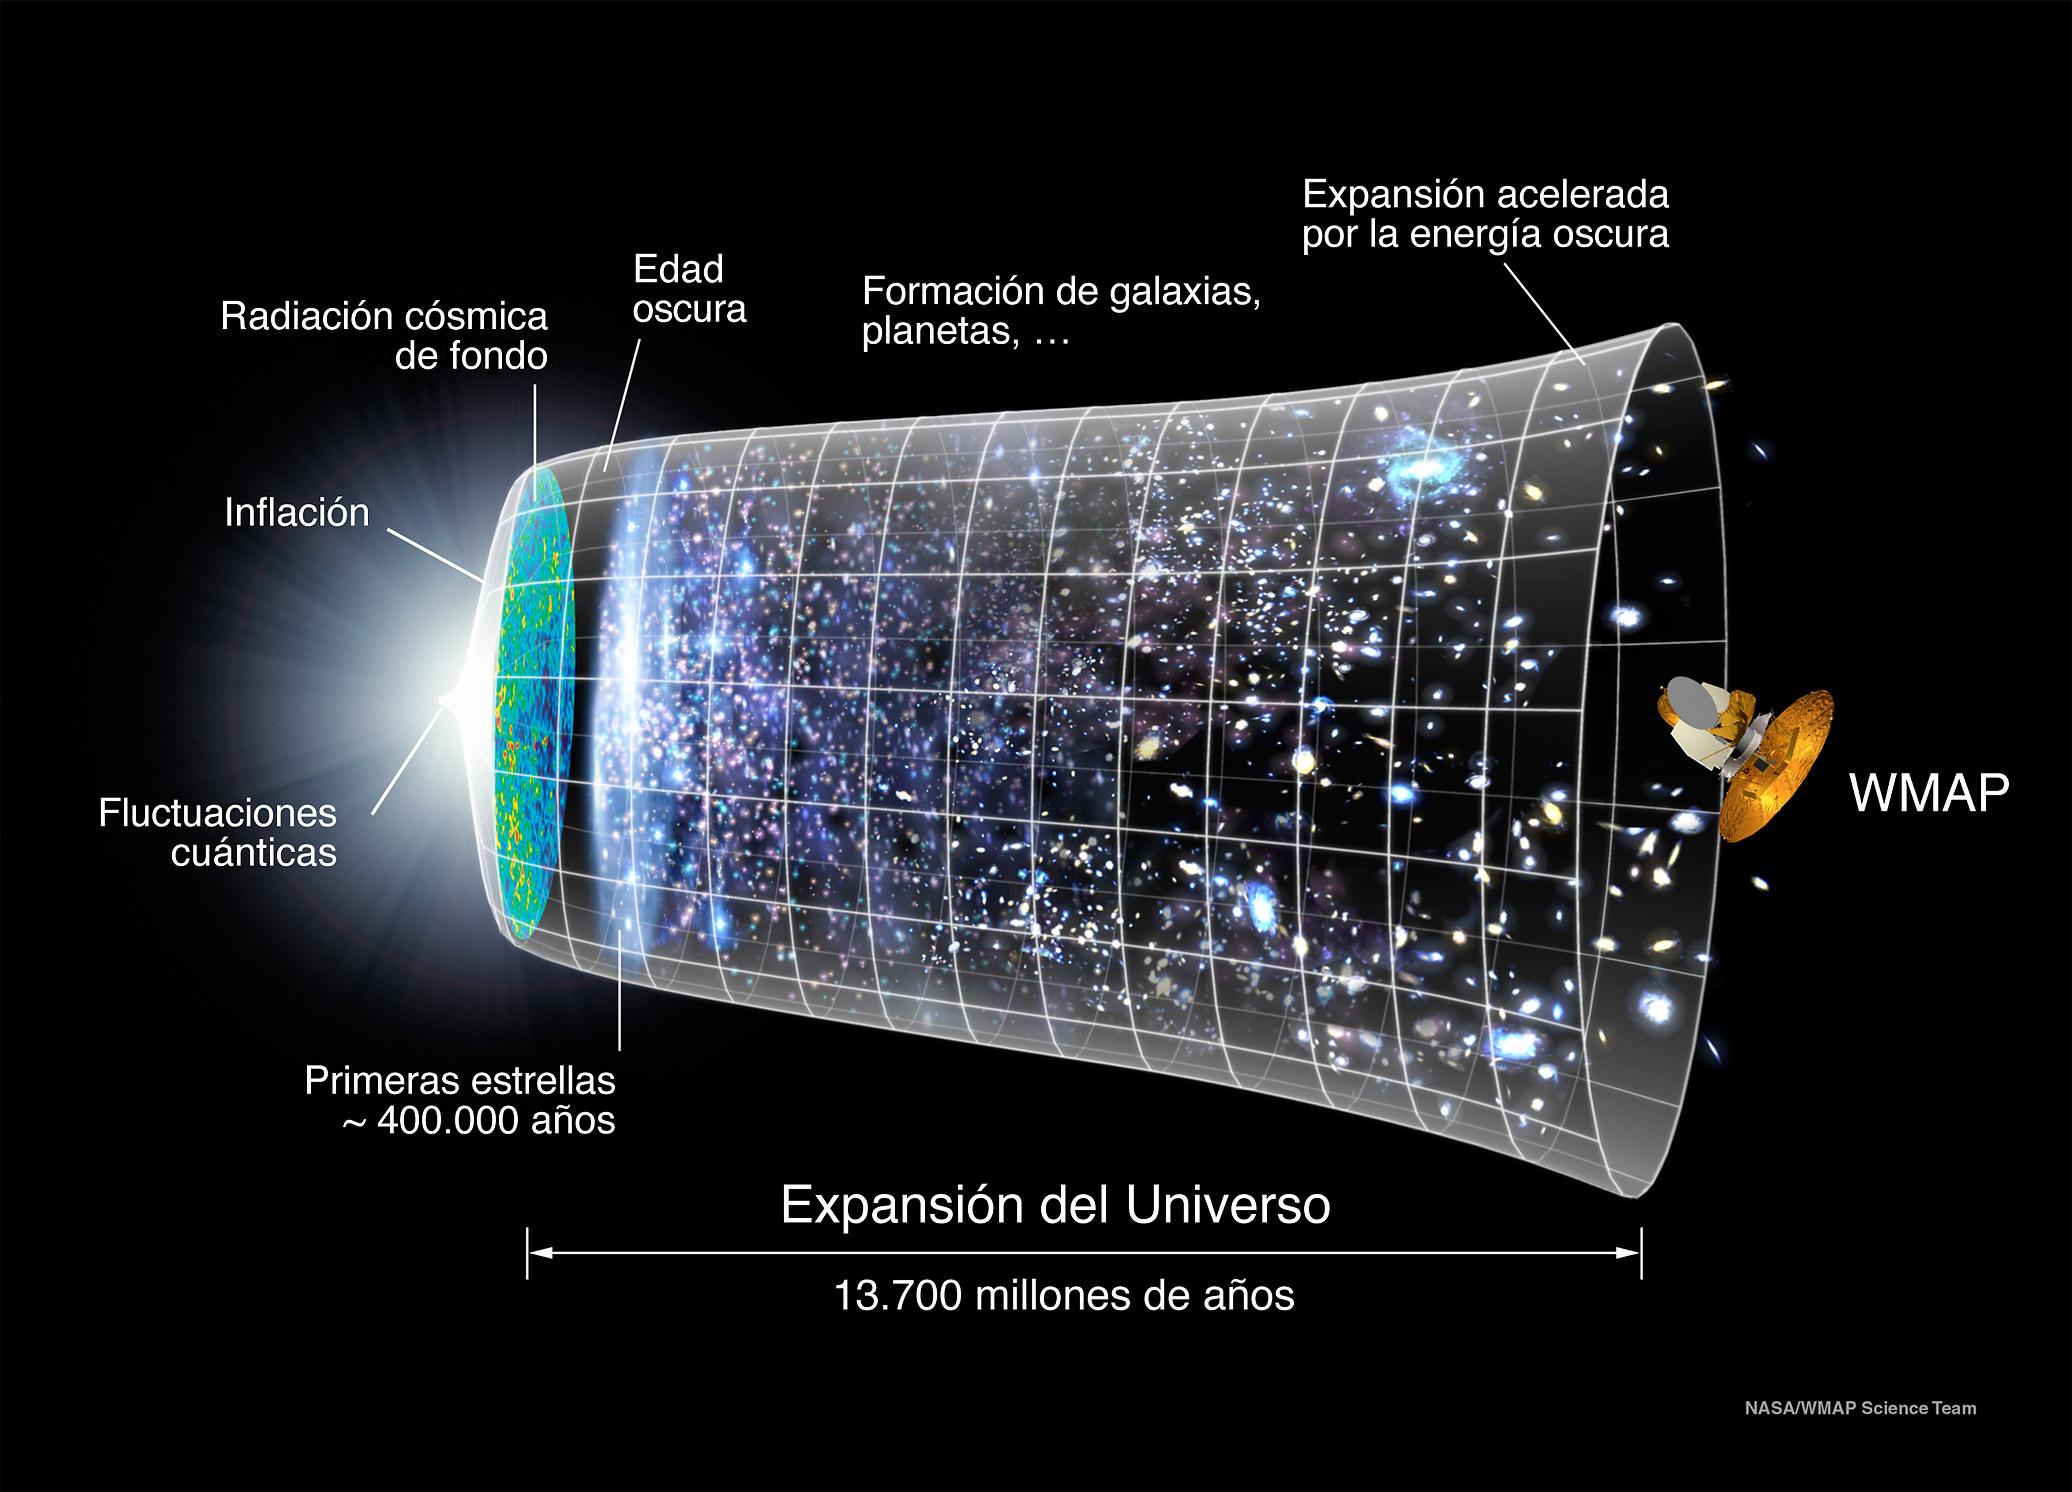 El Universo ilustrado en tres dimensiones espaciales y una dimensión temporal. Imagen: Theophilus Britt Griswold. Fuente: NASA/Wikipedia.